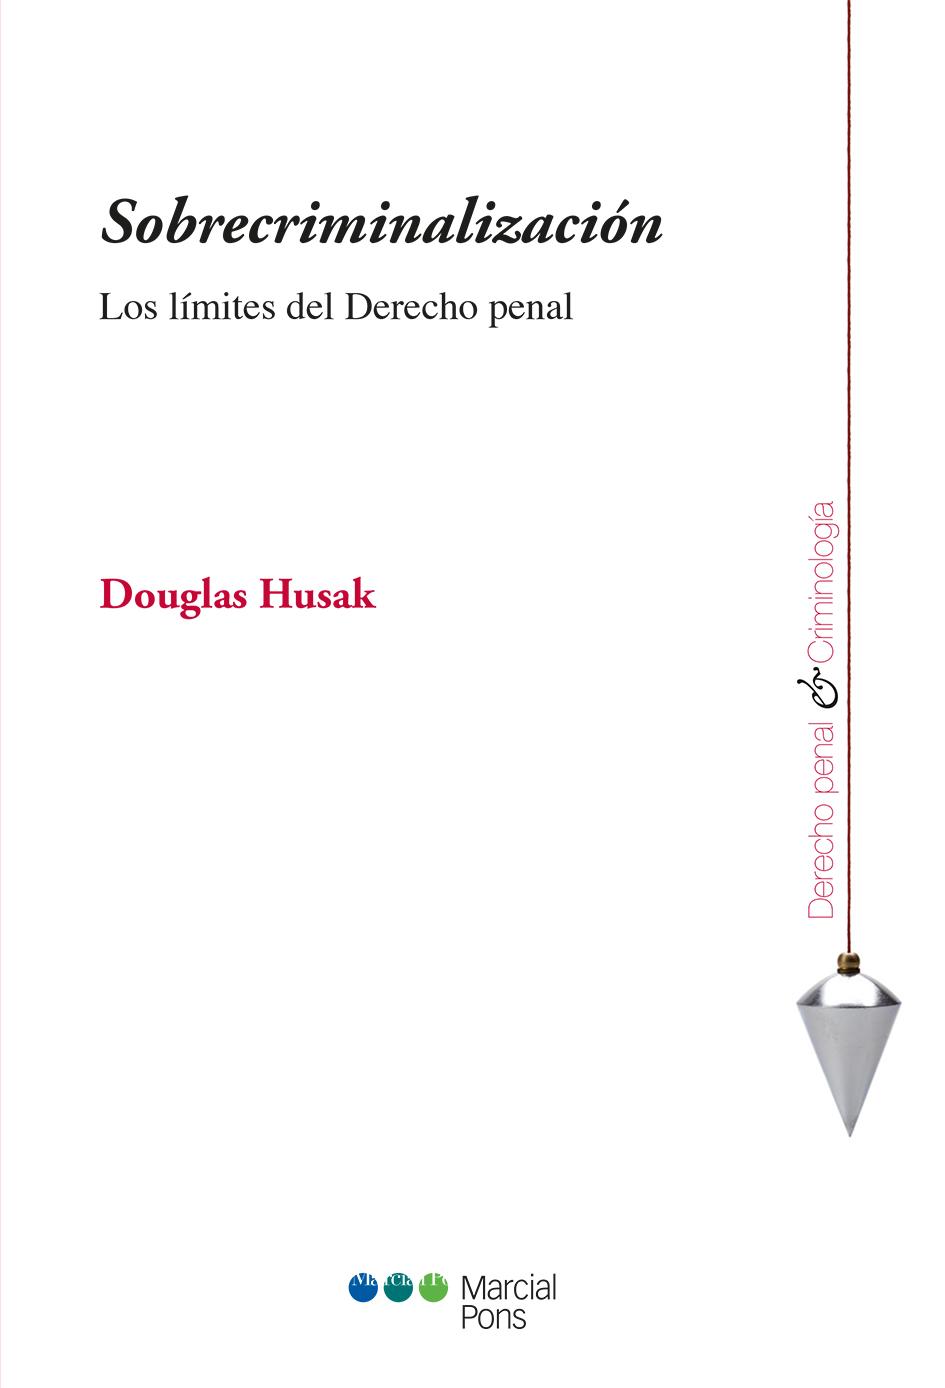 Portada del libro Sobrecriminalización